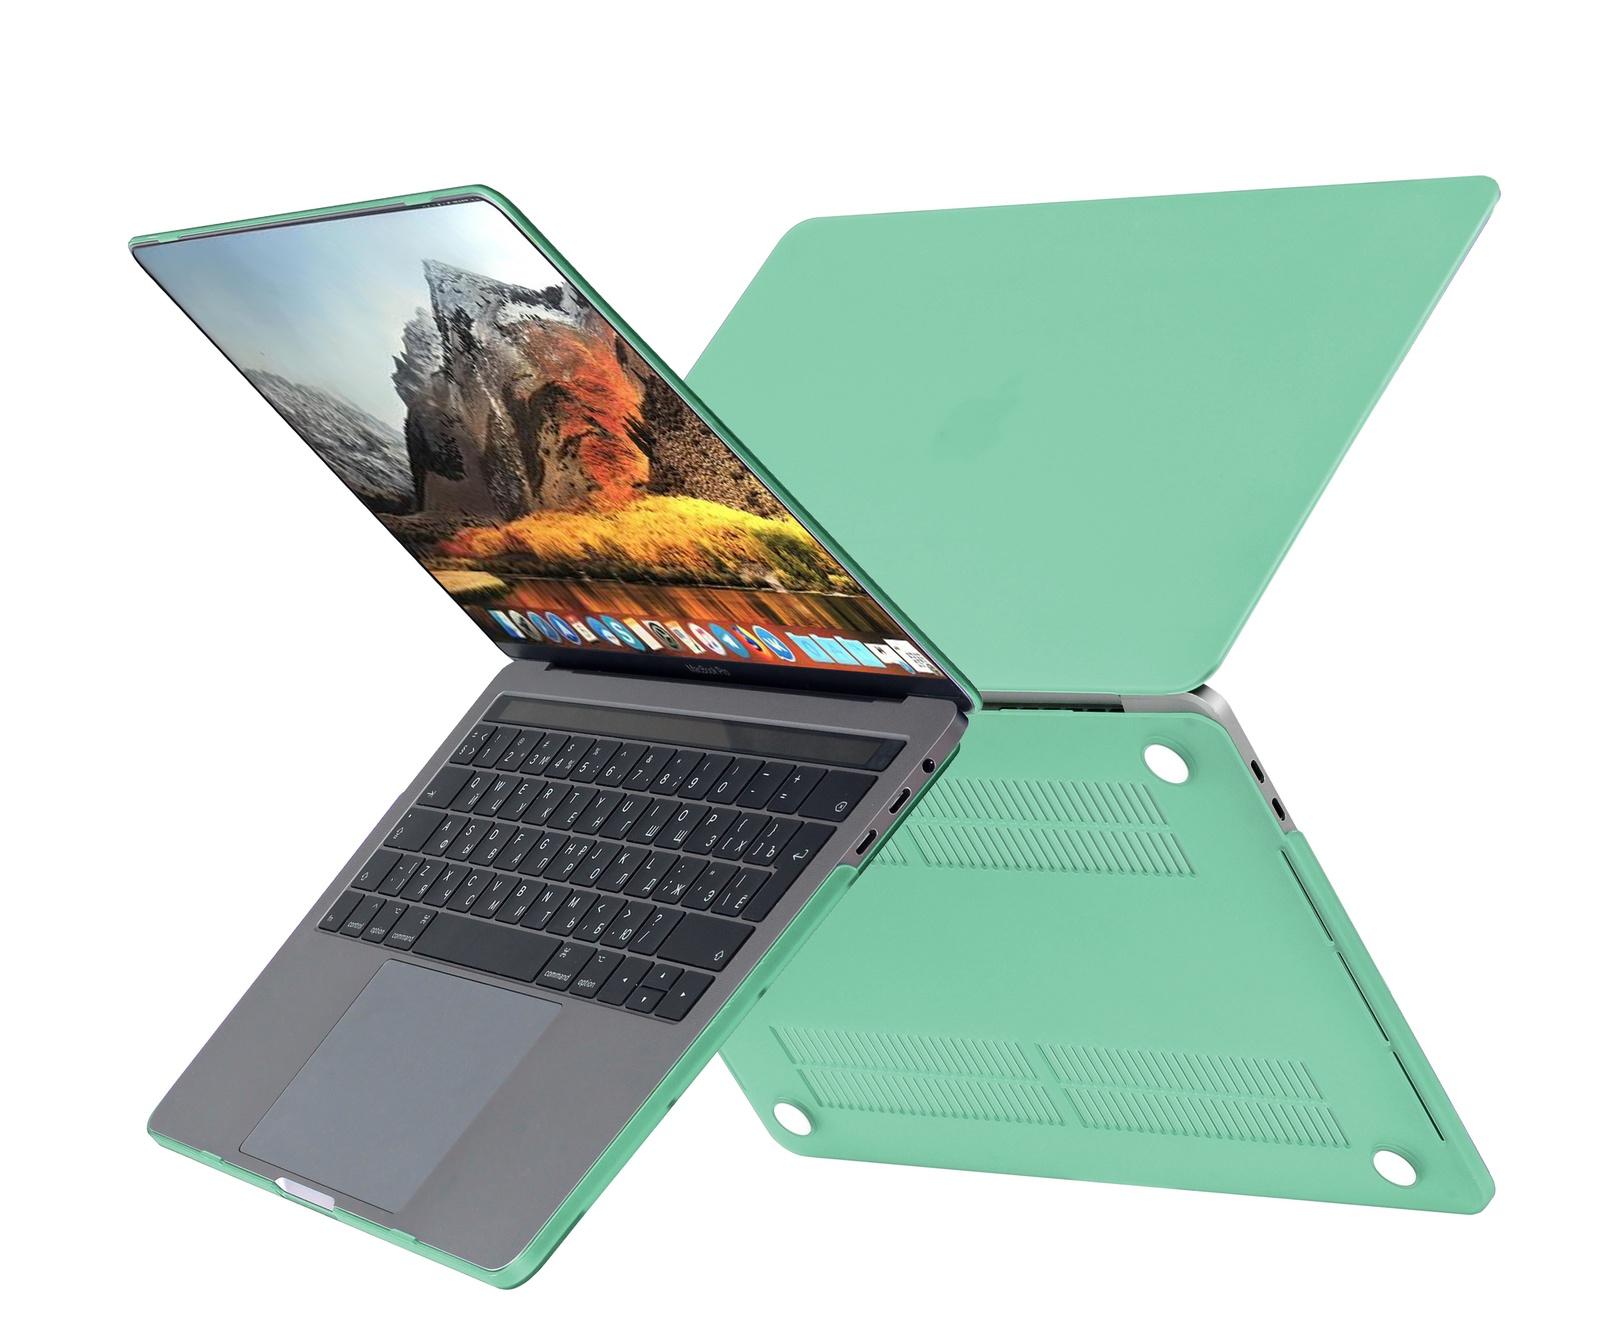 Чехол HardShell Case для Macbook Pro 15 Retina, светло зеленый цена и фото